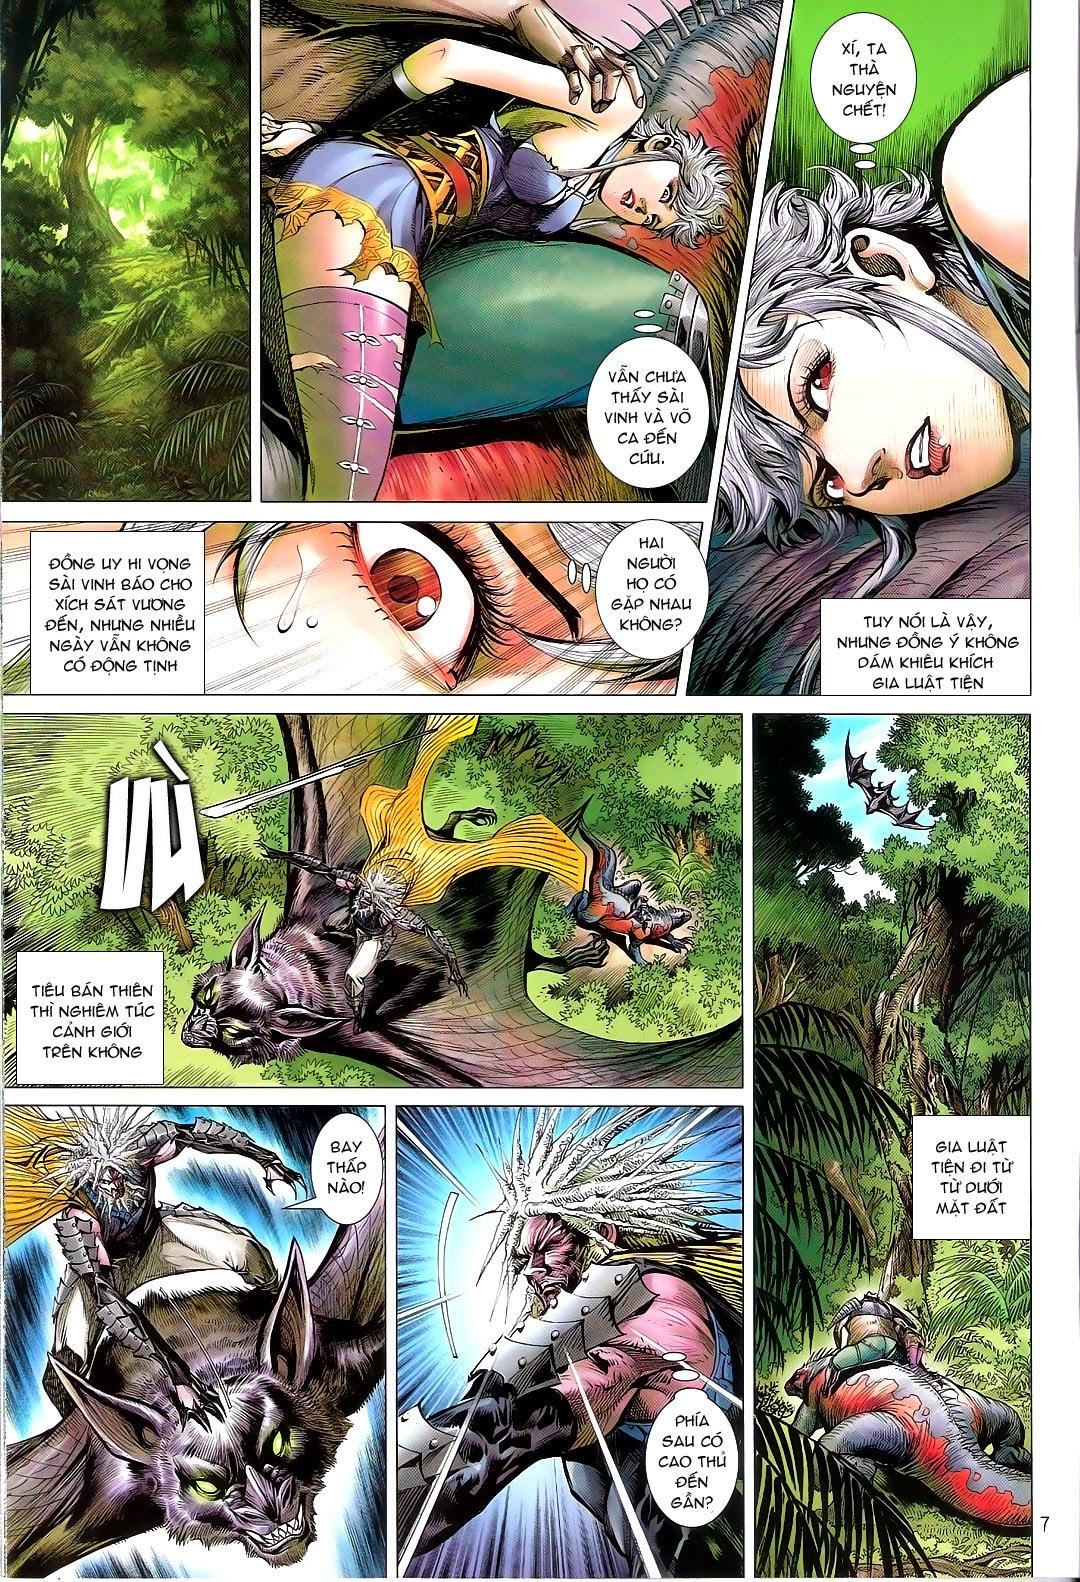 tuoithodudoi.com Thiết Tướng Tung Hoành Chapter 110 - 7.jpg